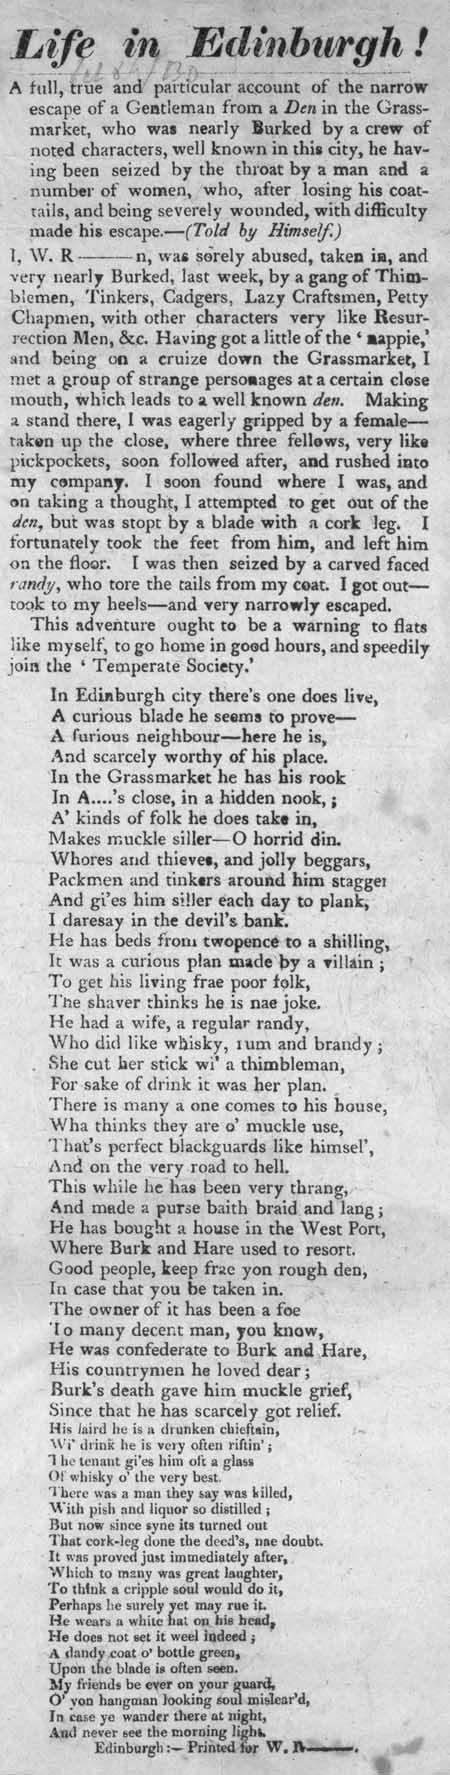 Broadside entitled 'Life in Edinburgh!'